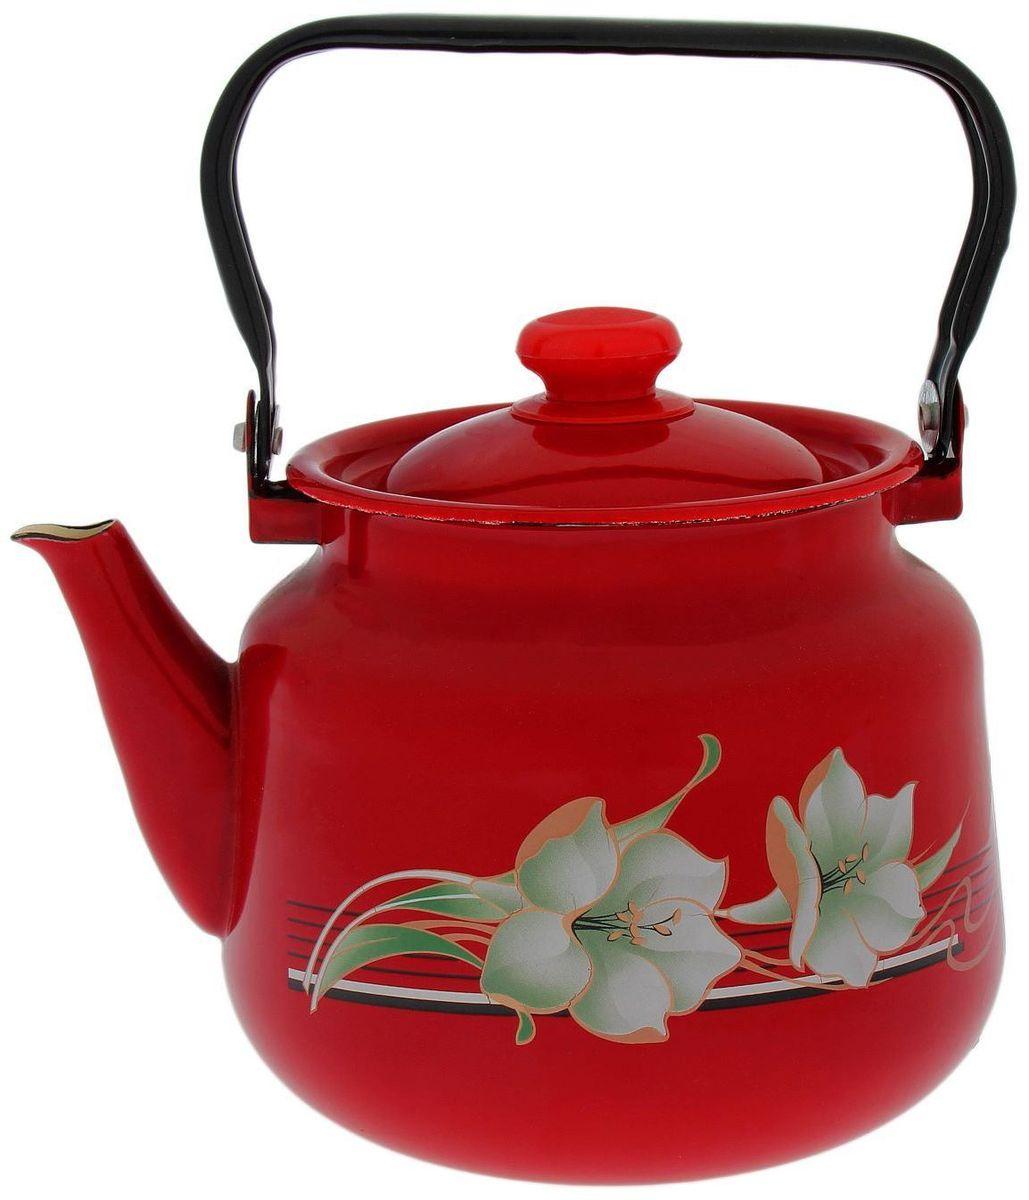 Чайник Epos Темно-красная лилия, 3,5 лVT-1520(SR)Согласитесь, и профессиональному повару, и любителю поэкспериментировать на кухне, и тому, кто к стряпанью не имеет никакого отношения, не обойтись без элементарных предметов, столовые принадлежности, аксессуары для приготовления и хранения пищи — незаменимые вещи для всех, кто хочет порадовать свою семью аппетитными блюдами. Душевная атмосфера и со вкусом накрытый стол всегда будут собирать в вашем доме близких и друзей.